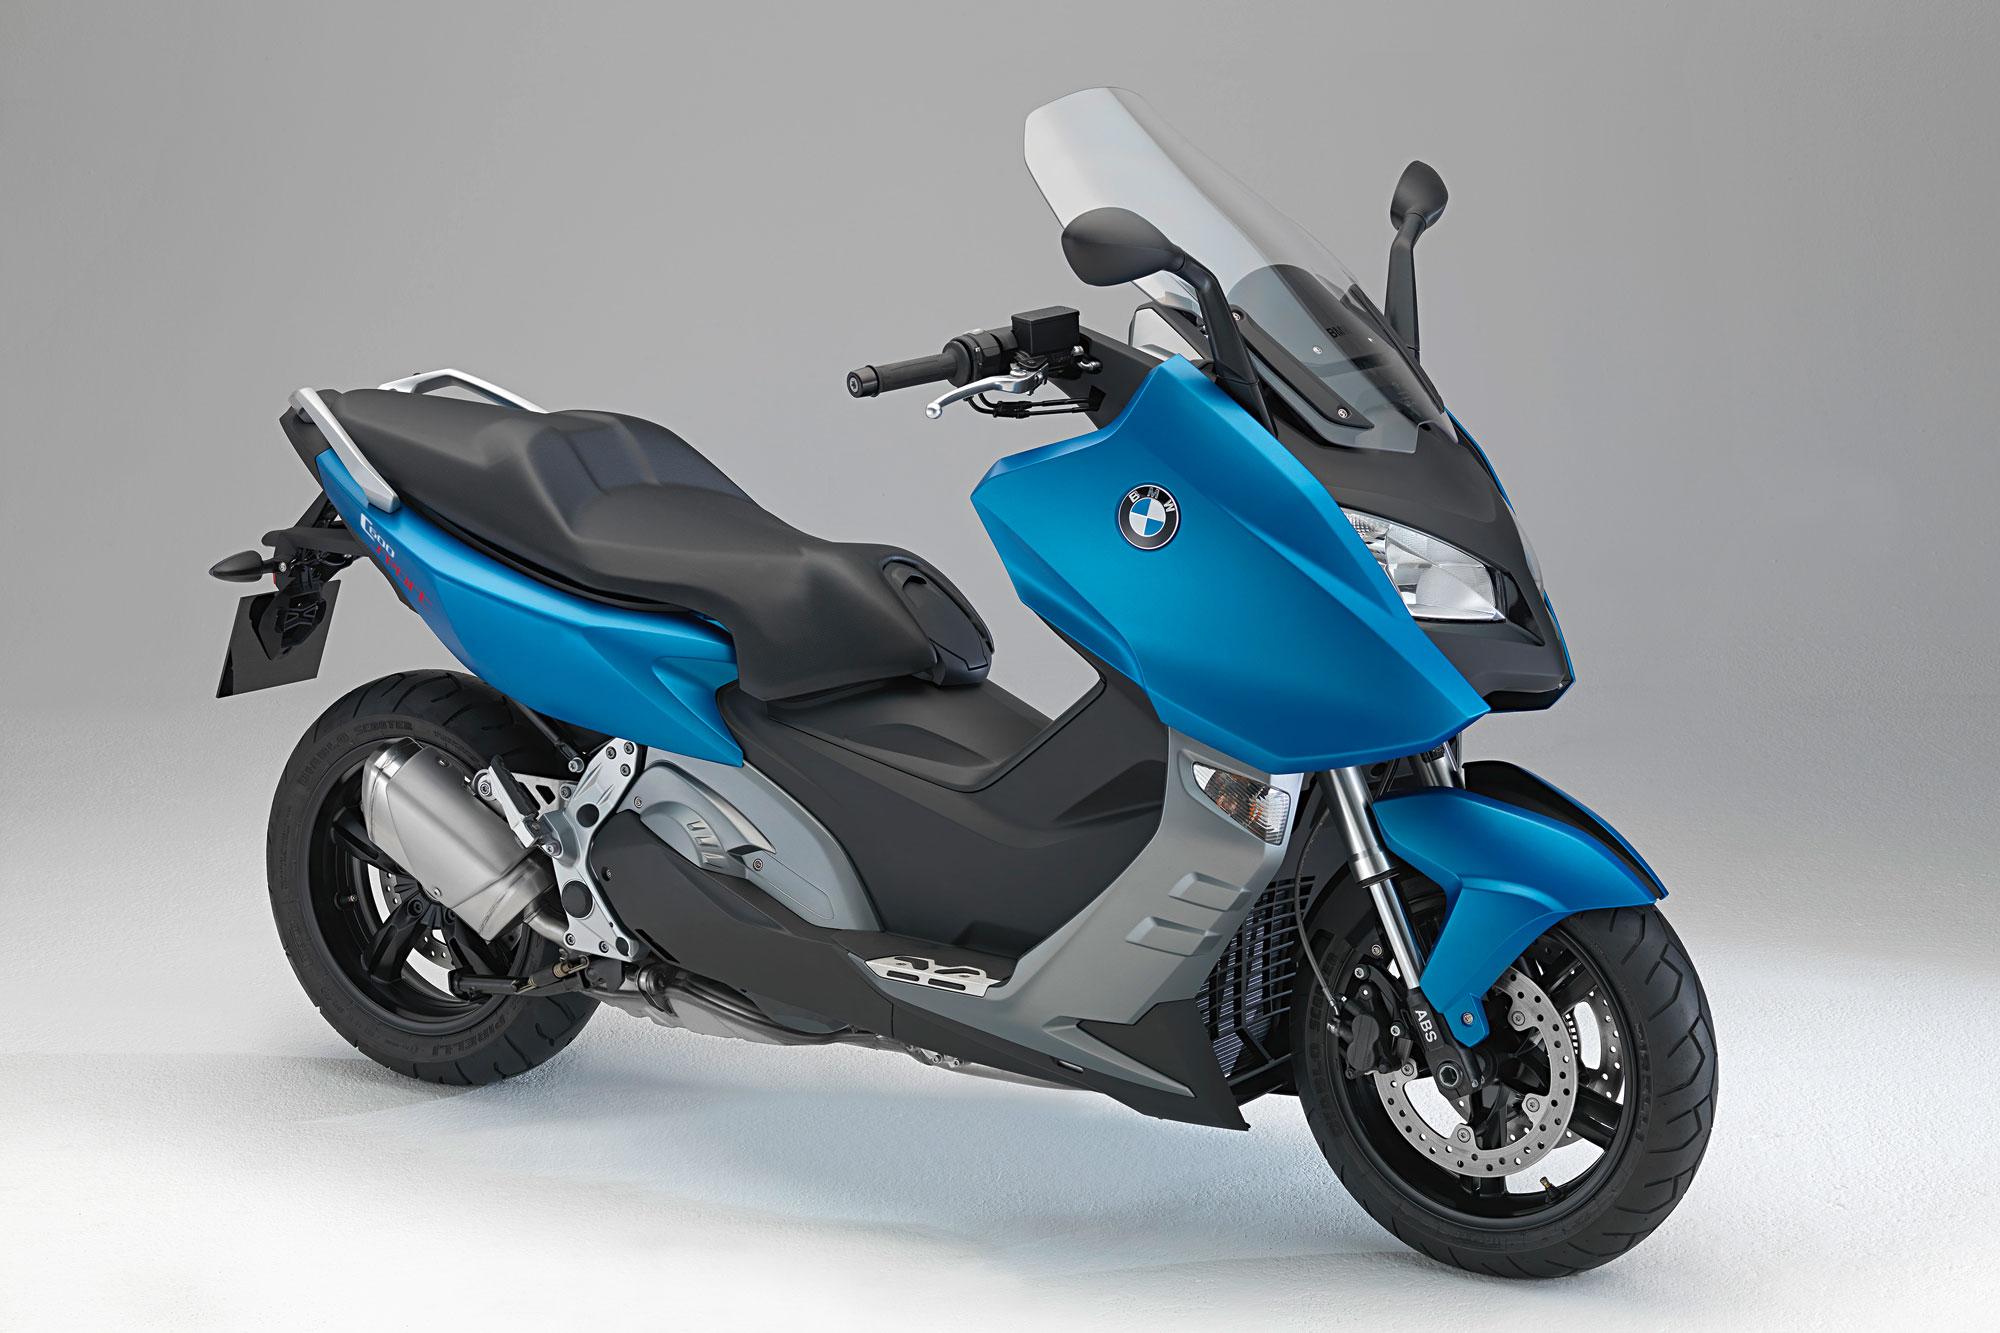 gebrauchte und neue bmw c 600 sport motorr der kaufen. Black Bedroom Furniture Sets. Home Design Ideas